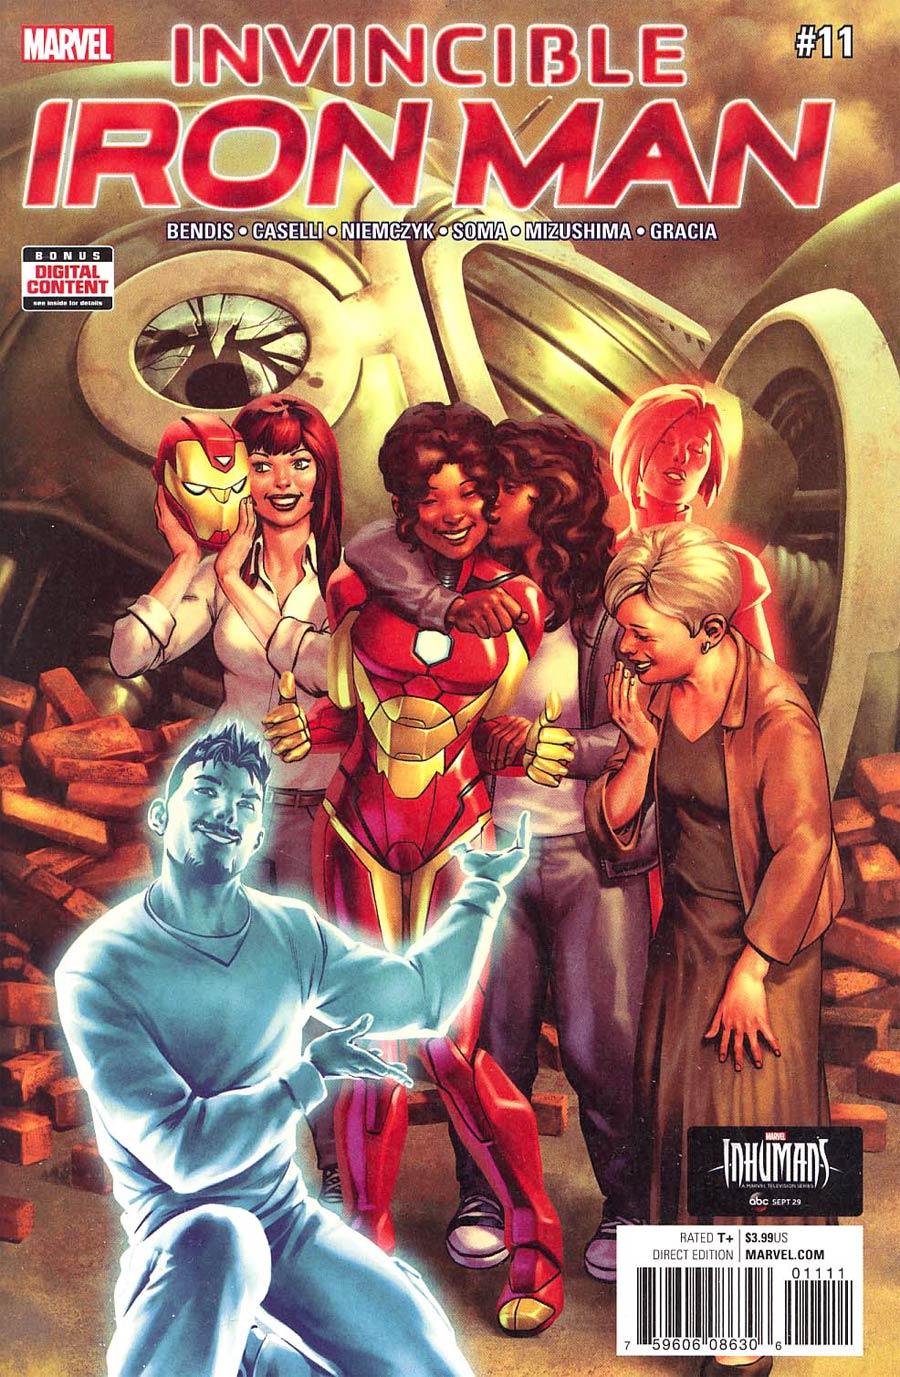 Invincible Iron Man Vol 3 #11 Cover A Regular Jesus Saiz Cover